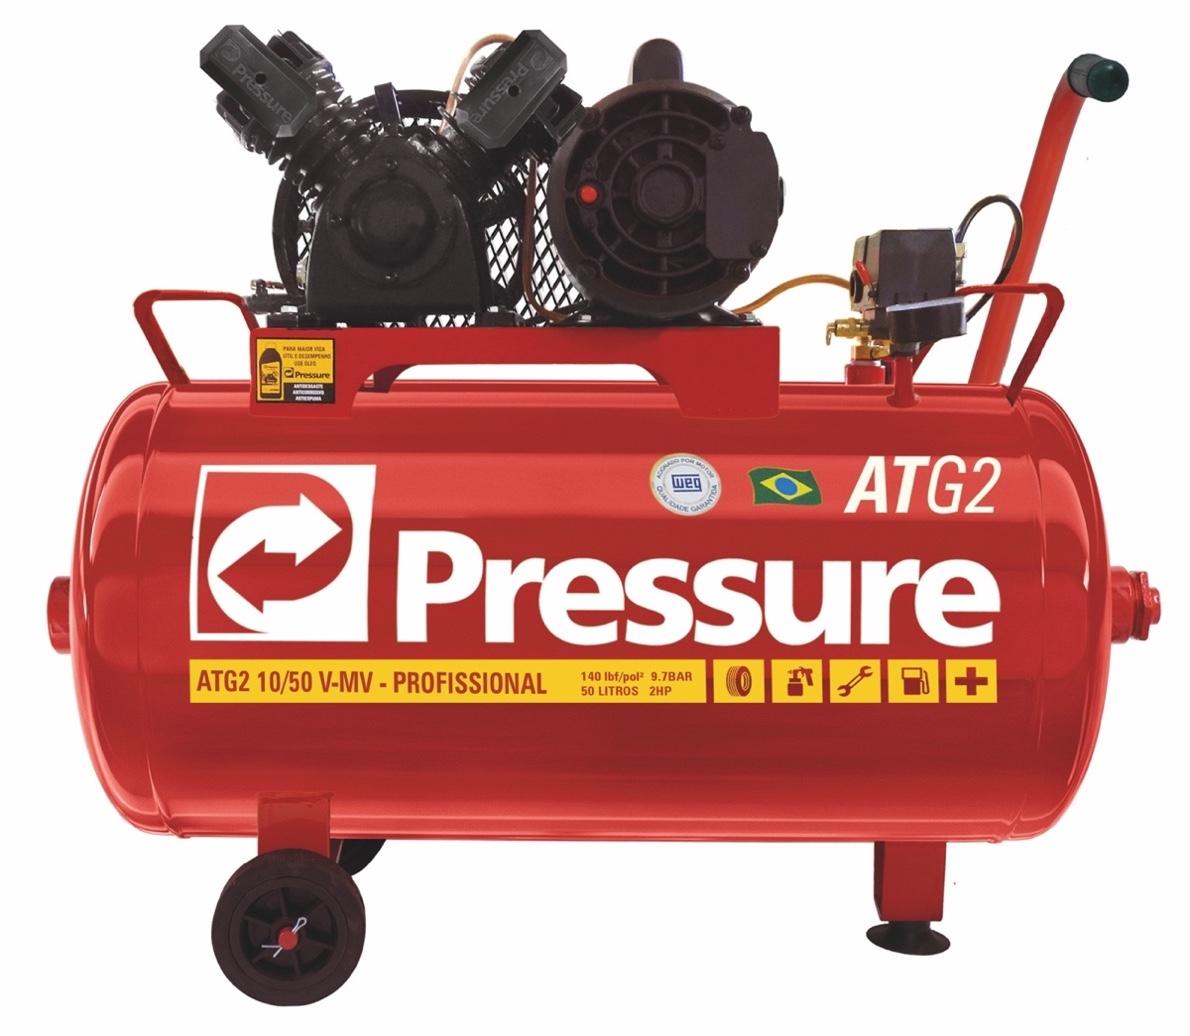 Compressor Ar Pressure Portátil ATG2 10/50 com motor 2HP